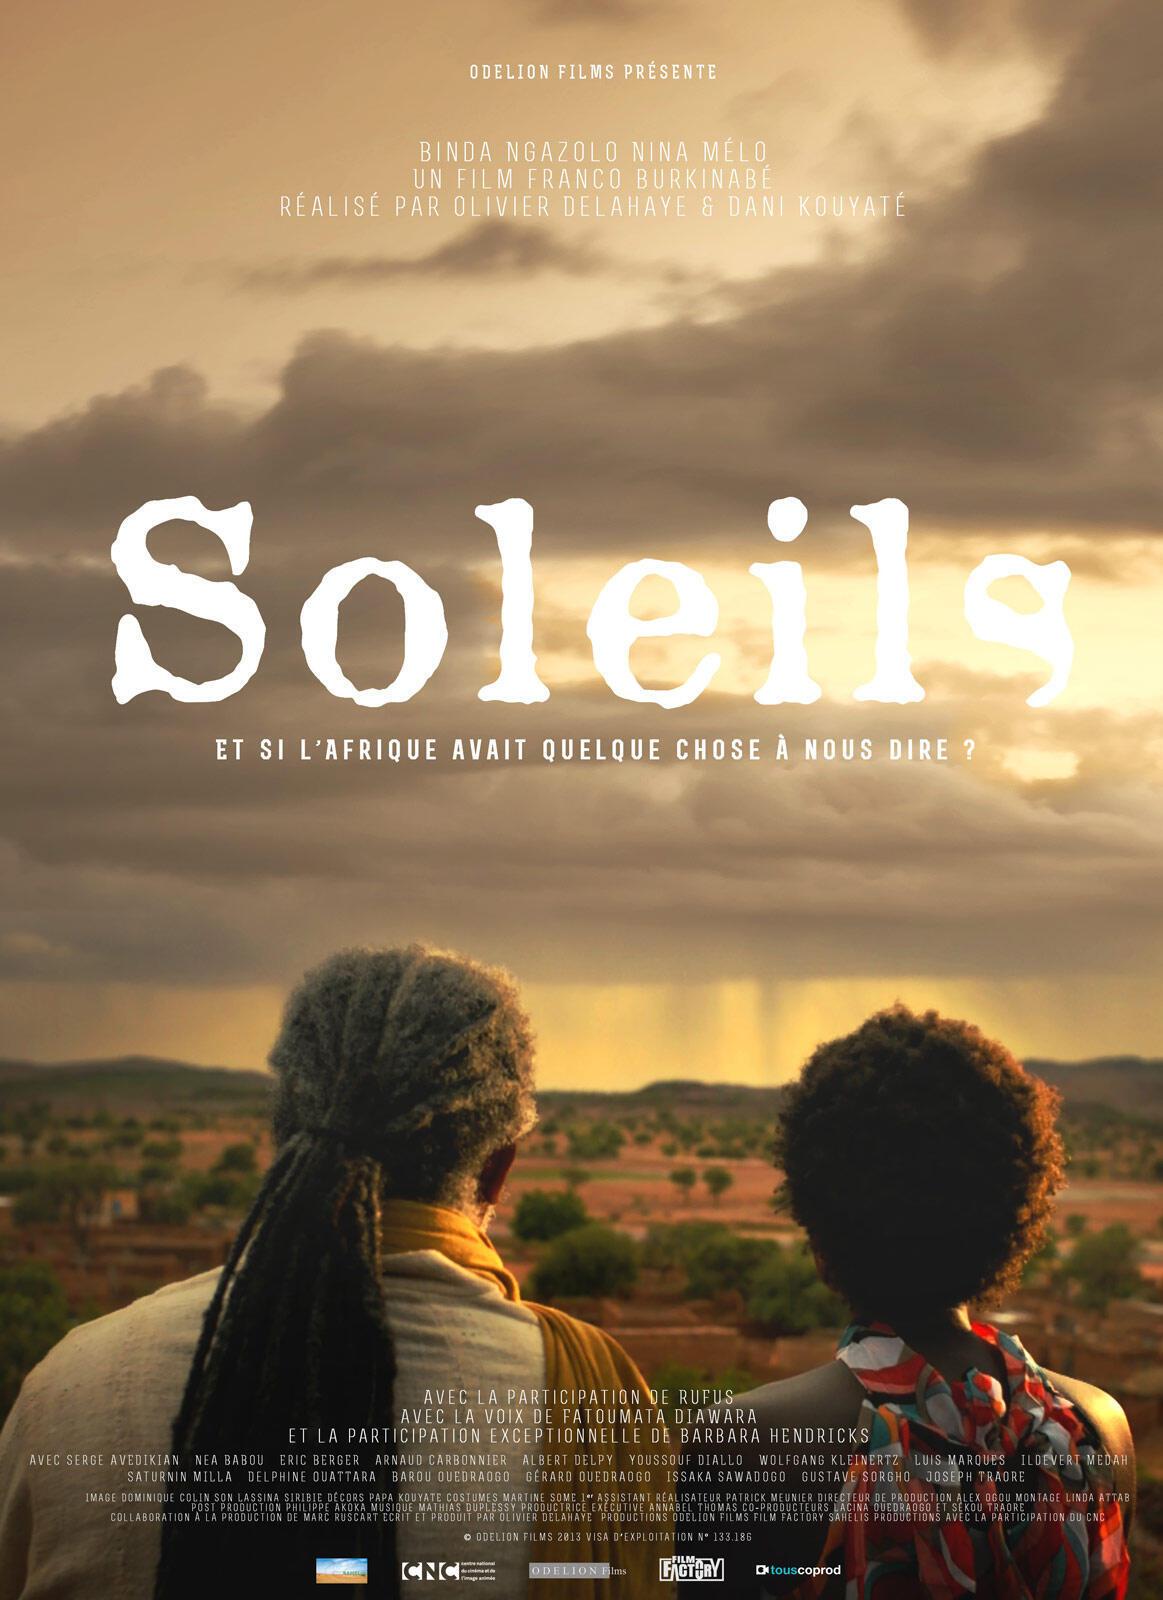 Les soleils dont parle ce conte, humaniste et philosophique, sont les grands personnages de l'histoire africaine.